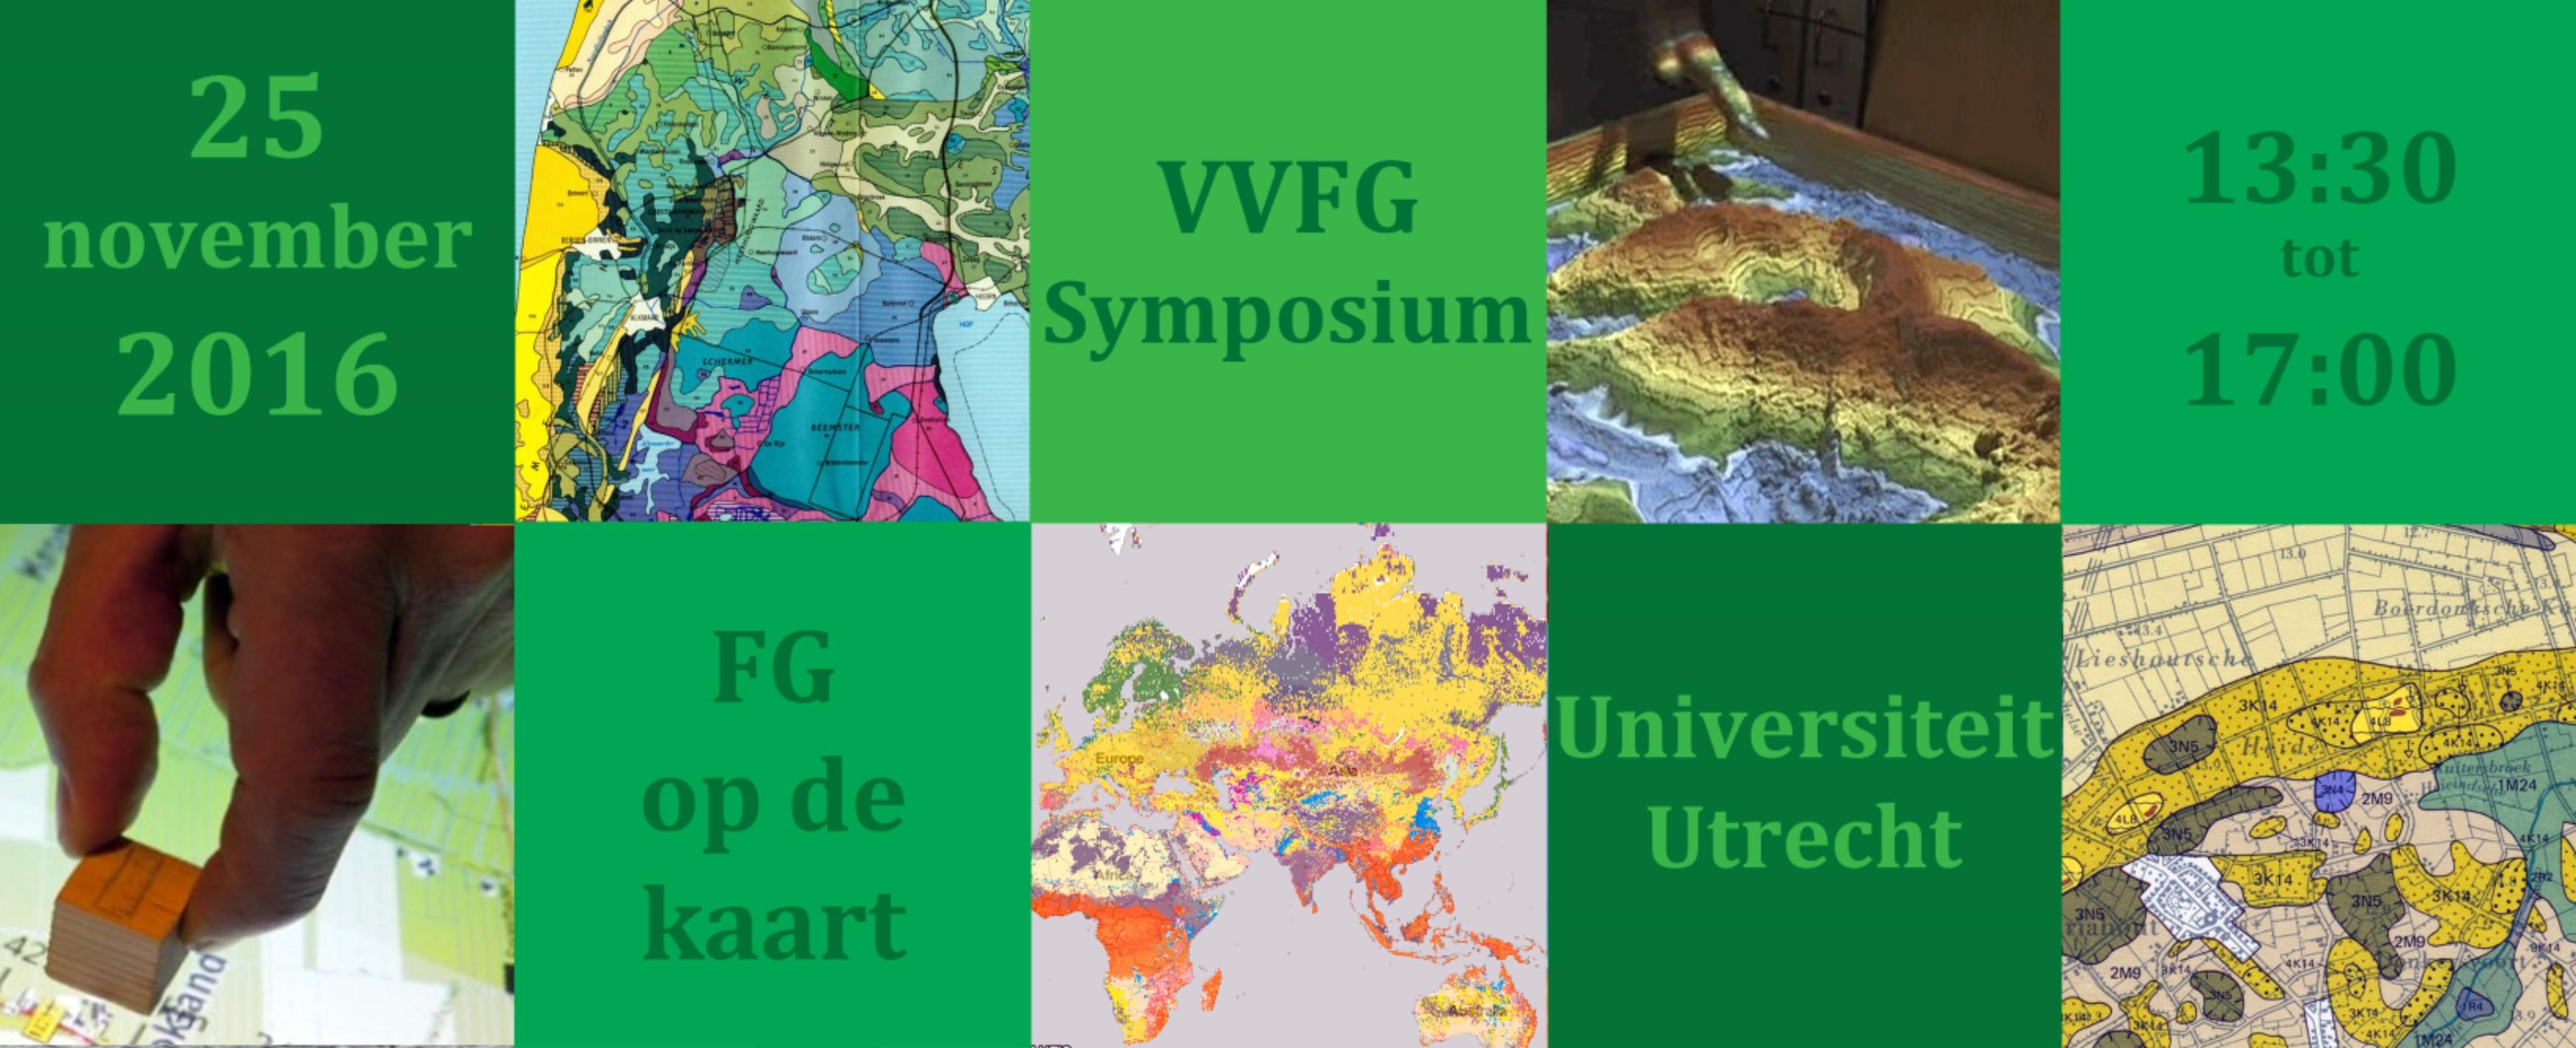 vvfg-symposium-balk-2016